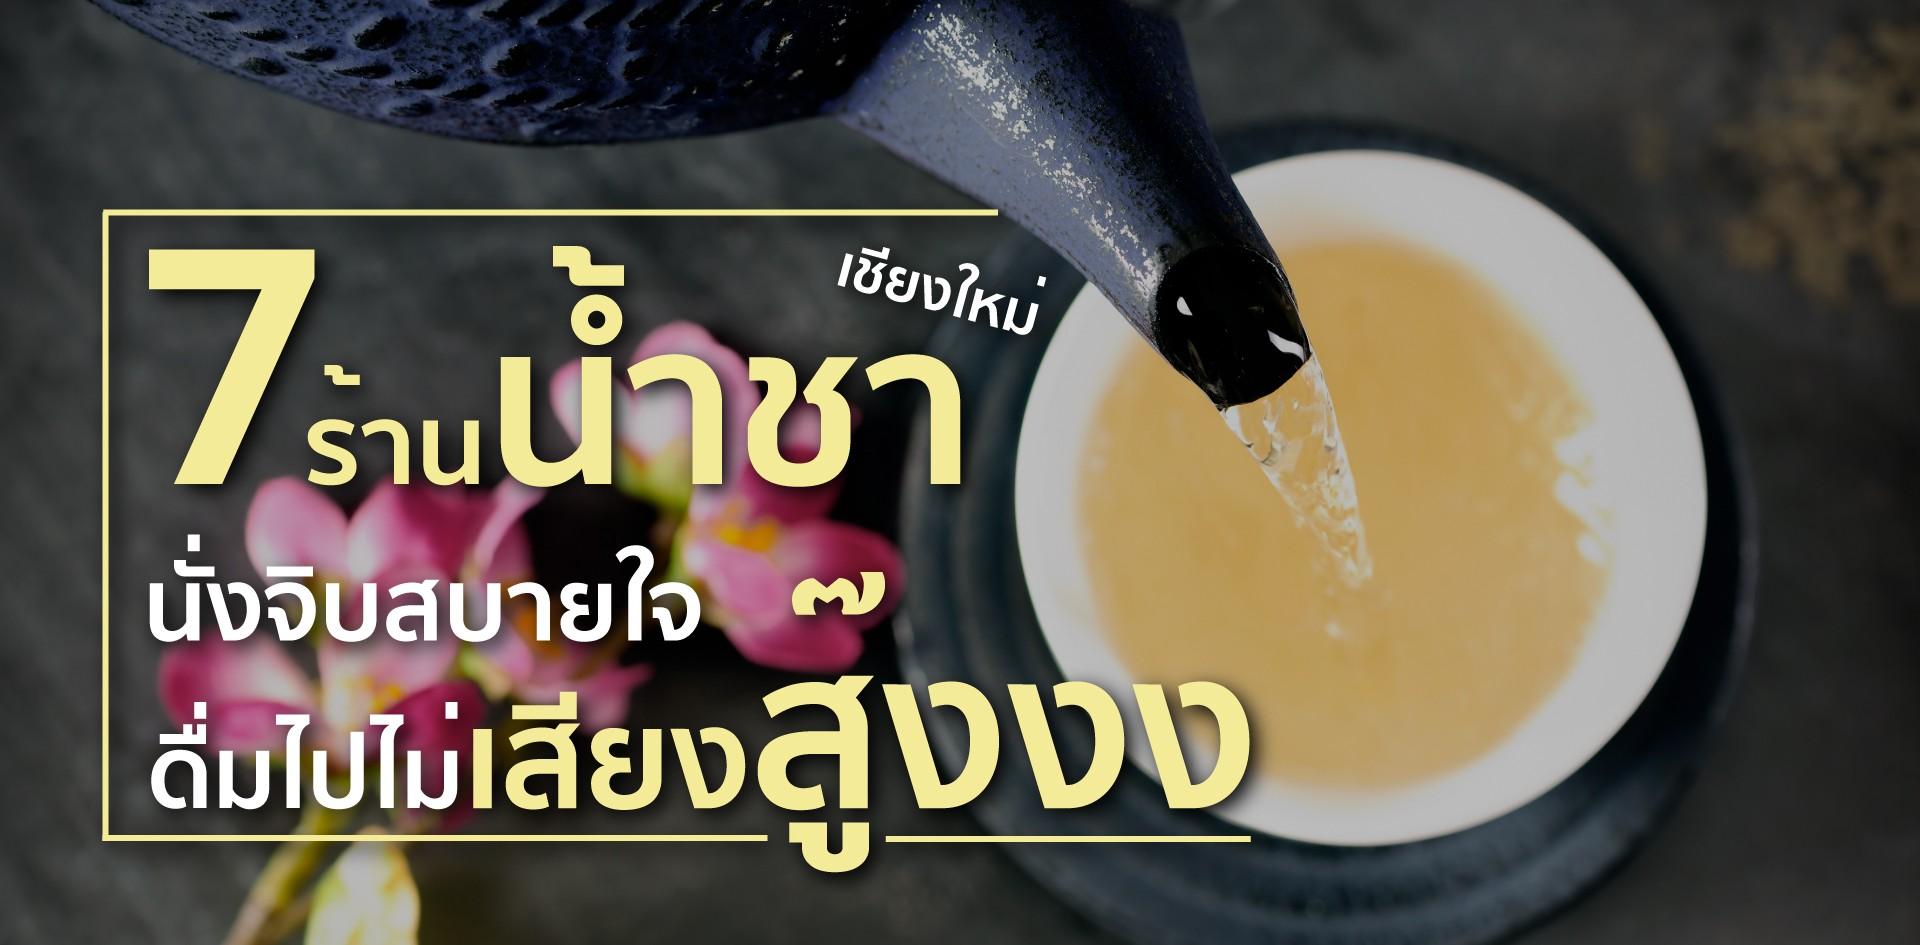 7 ร้านน้ำชาเชียงใหม่ นั่งจิบสบายใจ ดื่มไปไม่เสียงสู๊งงง